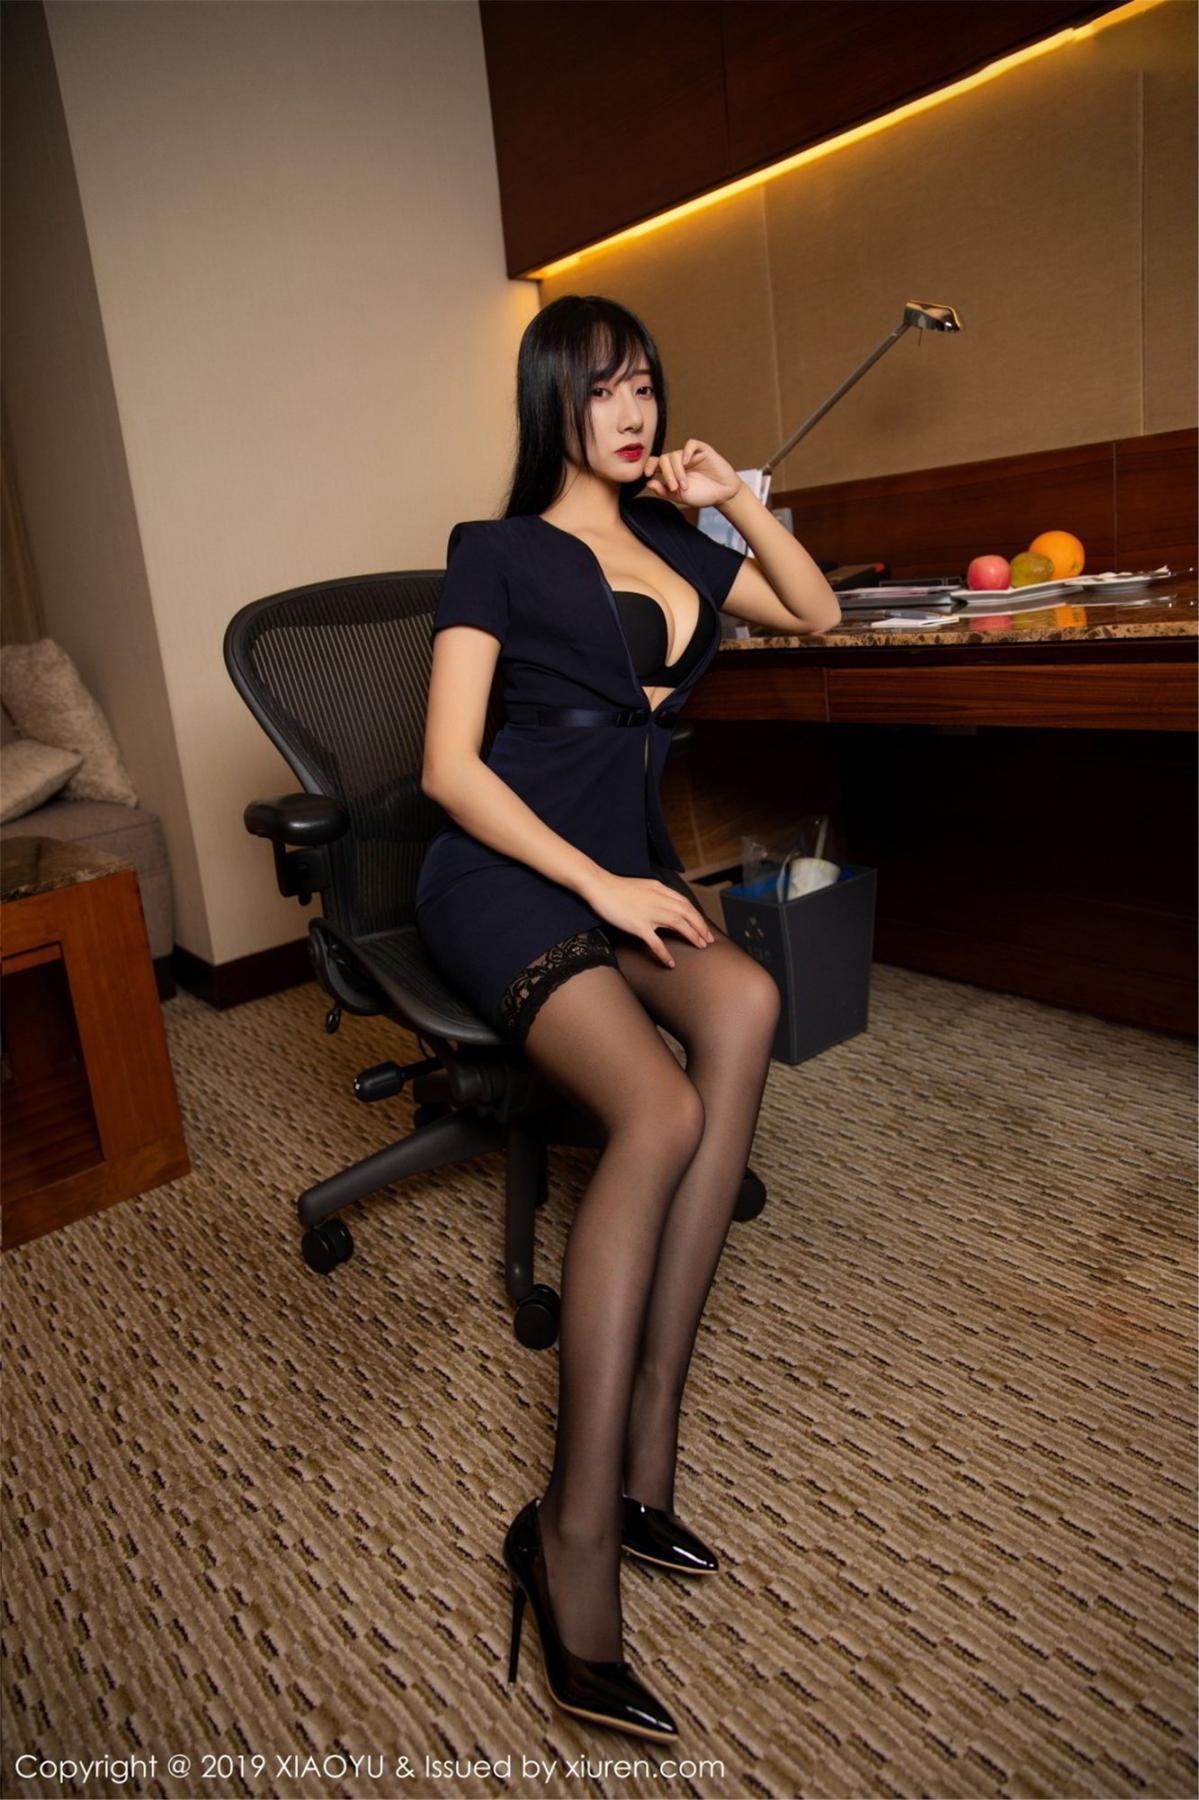 [XiaoYu] Vol.068 He Jia Ying 14P, Black Silk, He Jia Ying, Uniform, XiaoYu